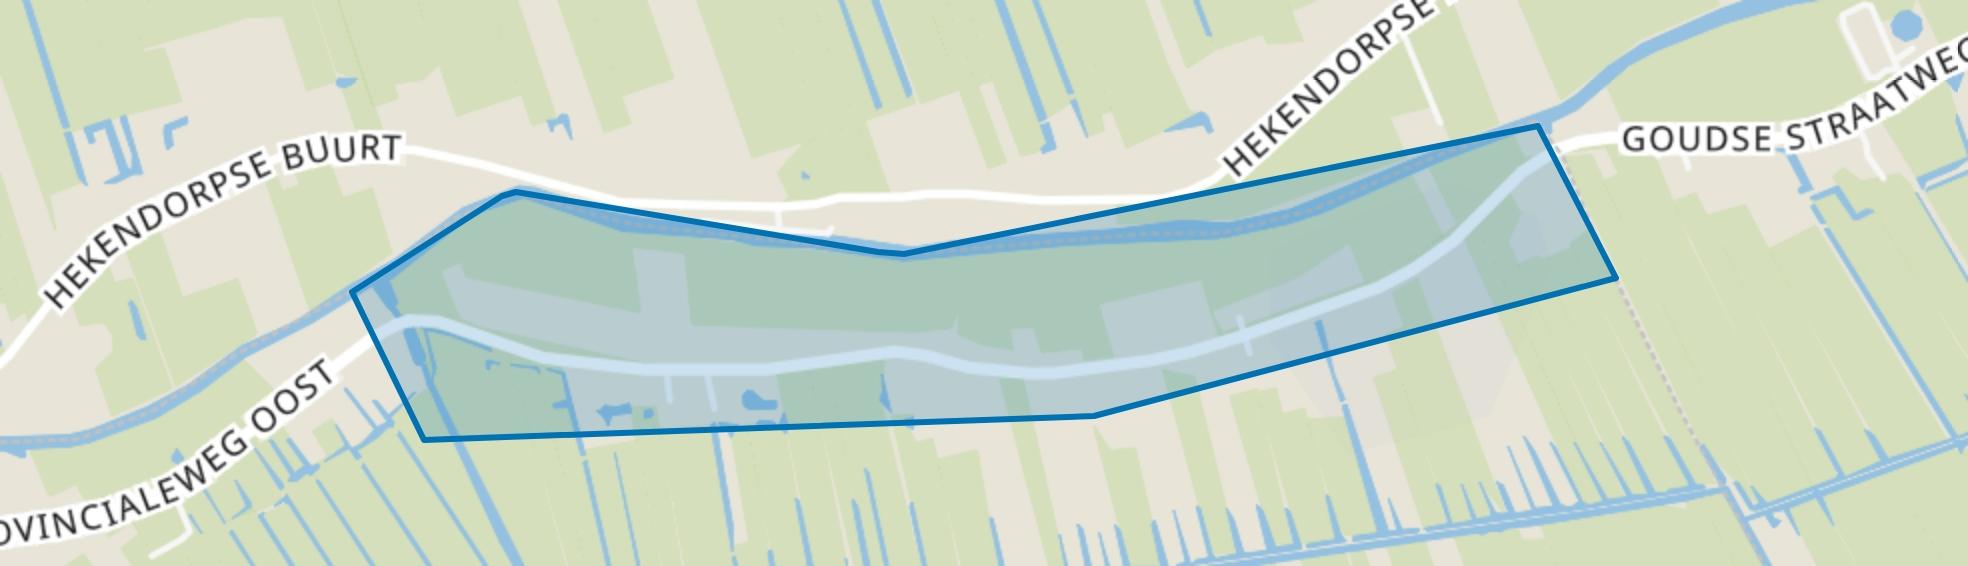 Rozendaal, Haastrecht map